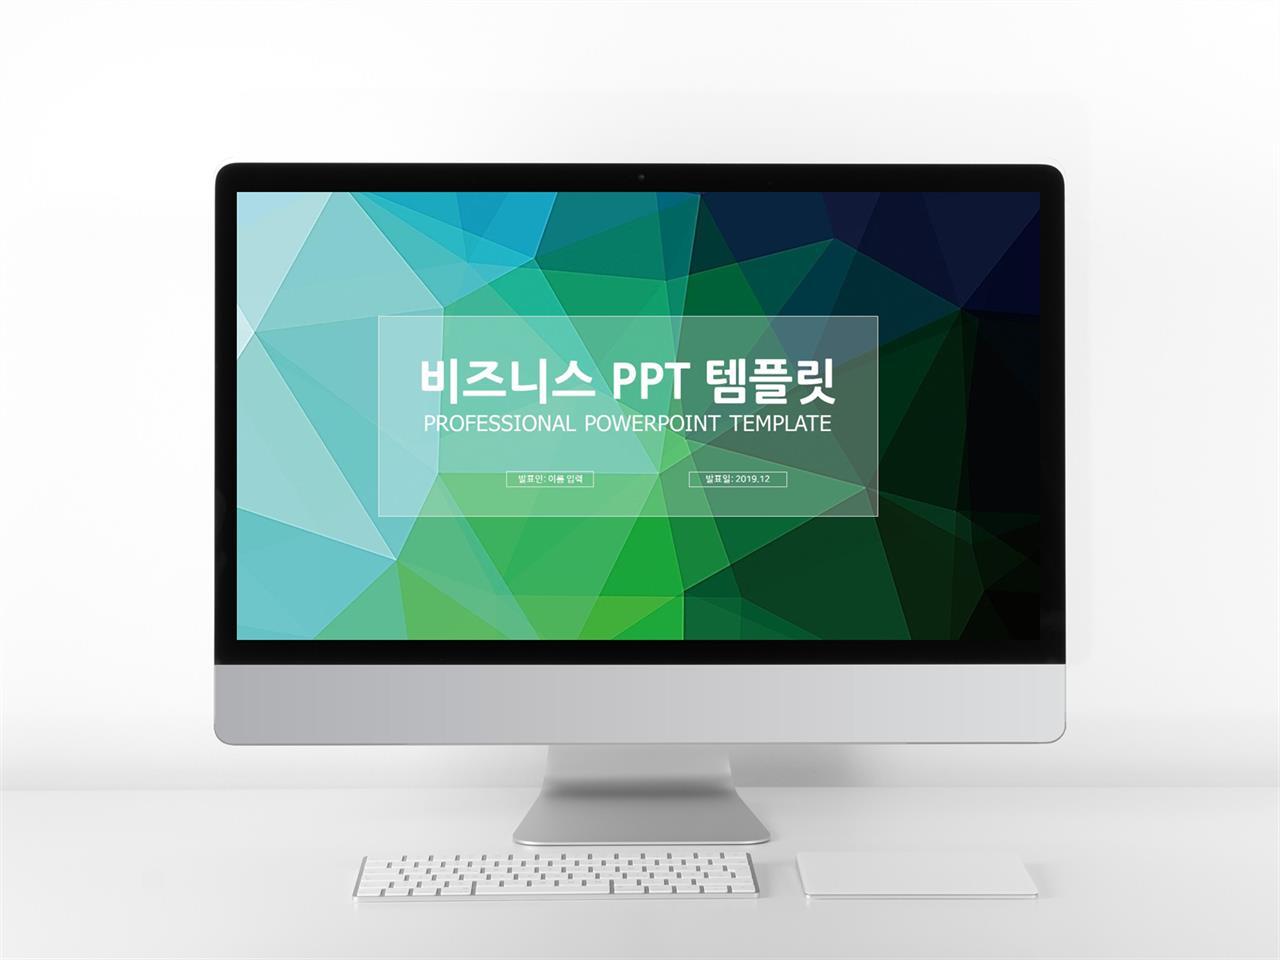 상업계획 풀색 시크한 고급스럽운 POWERPOINT테마 사이트 미리보기